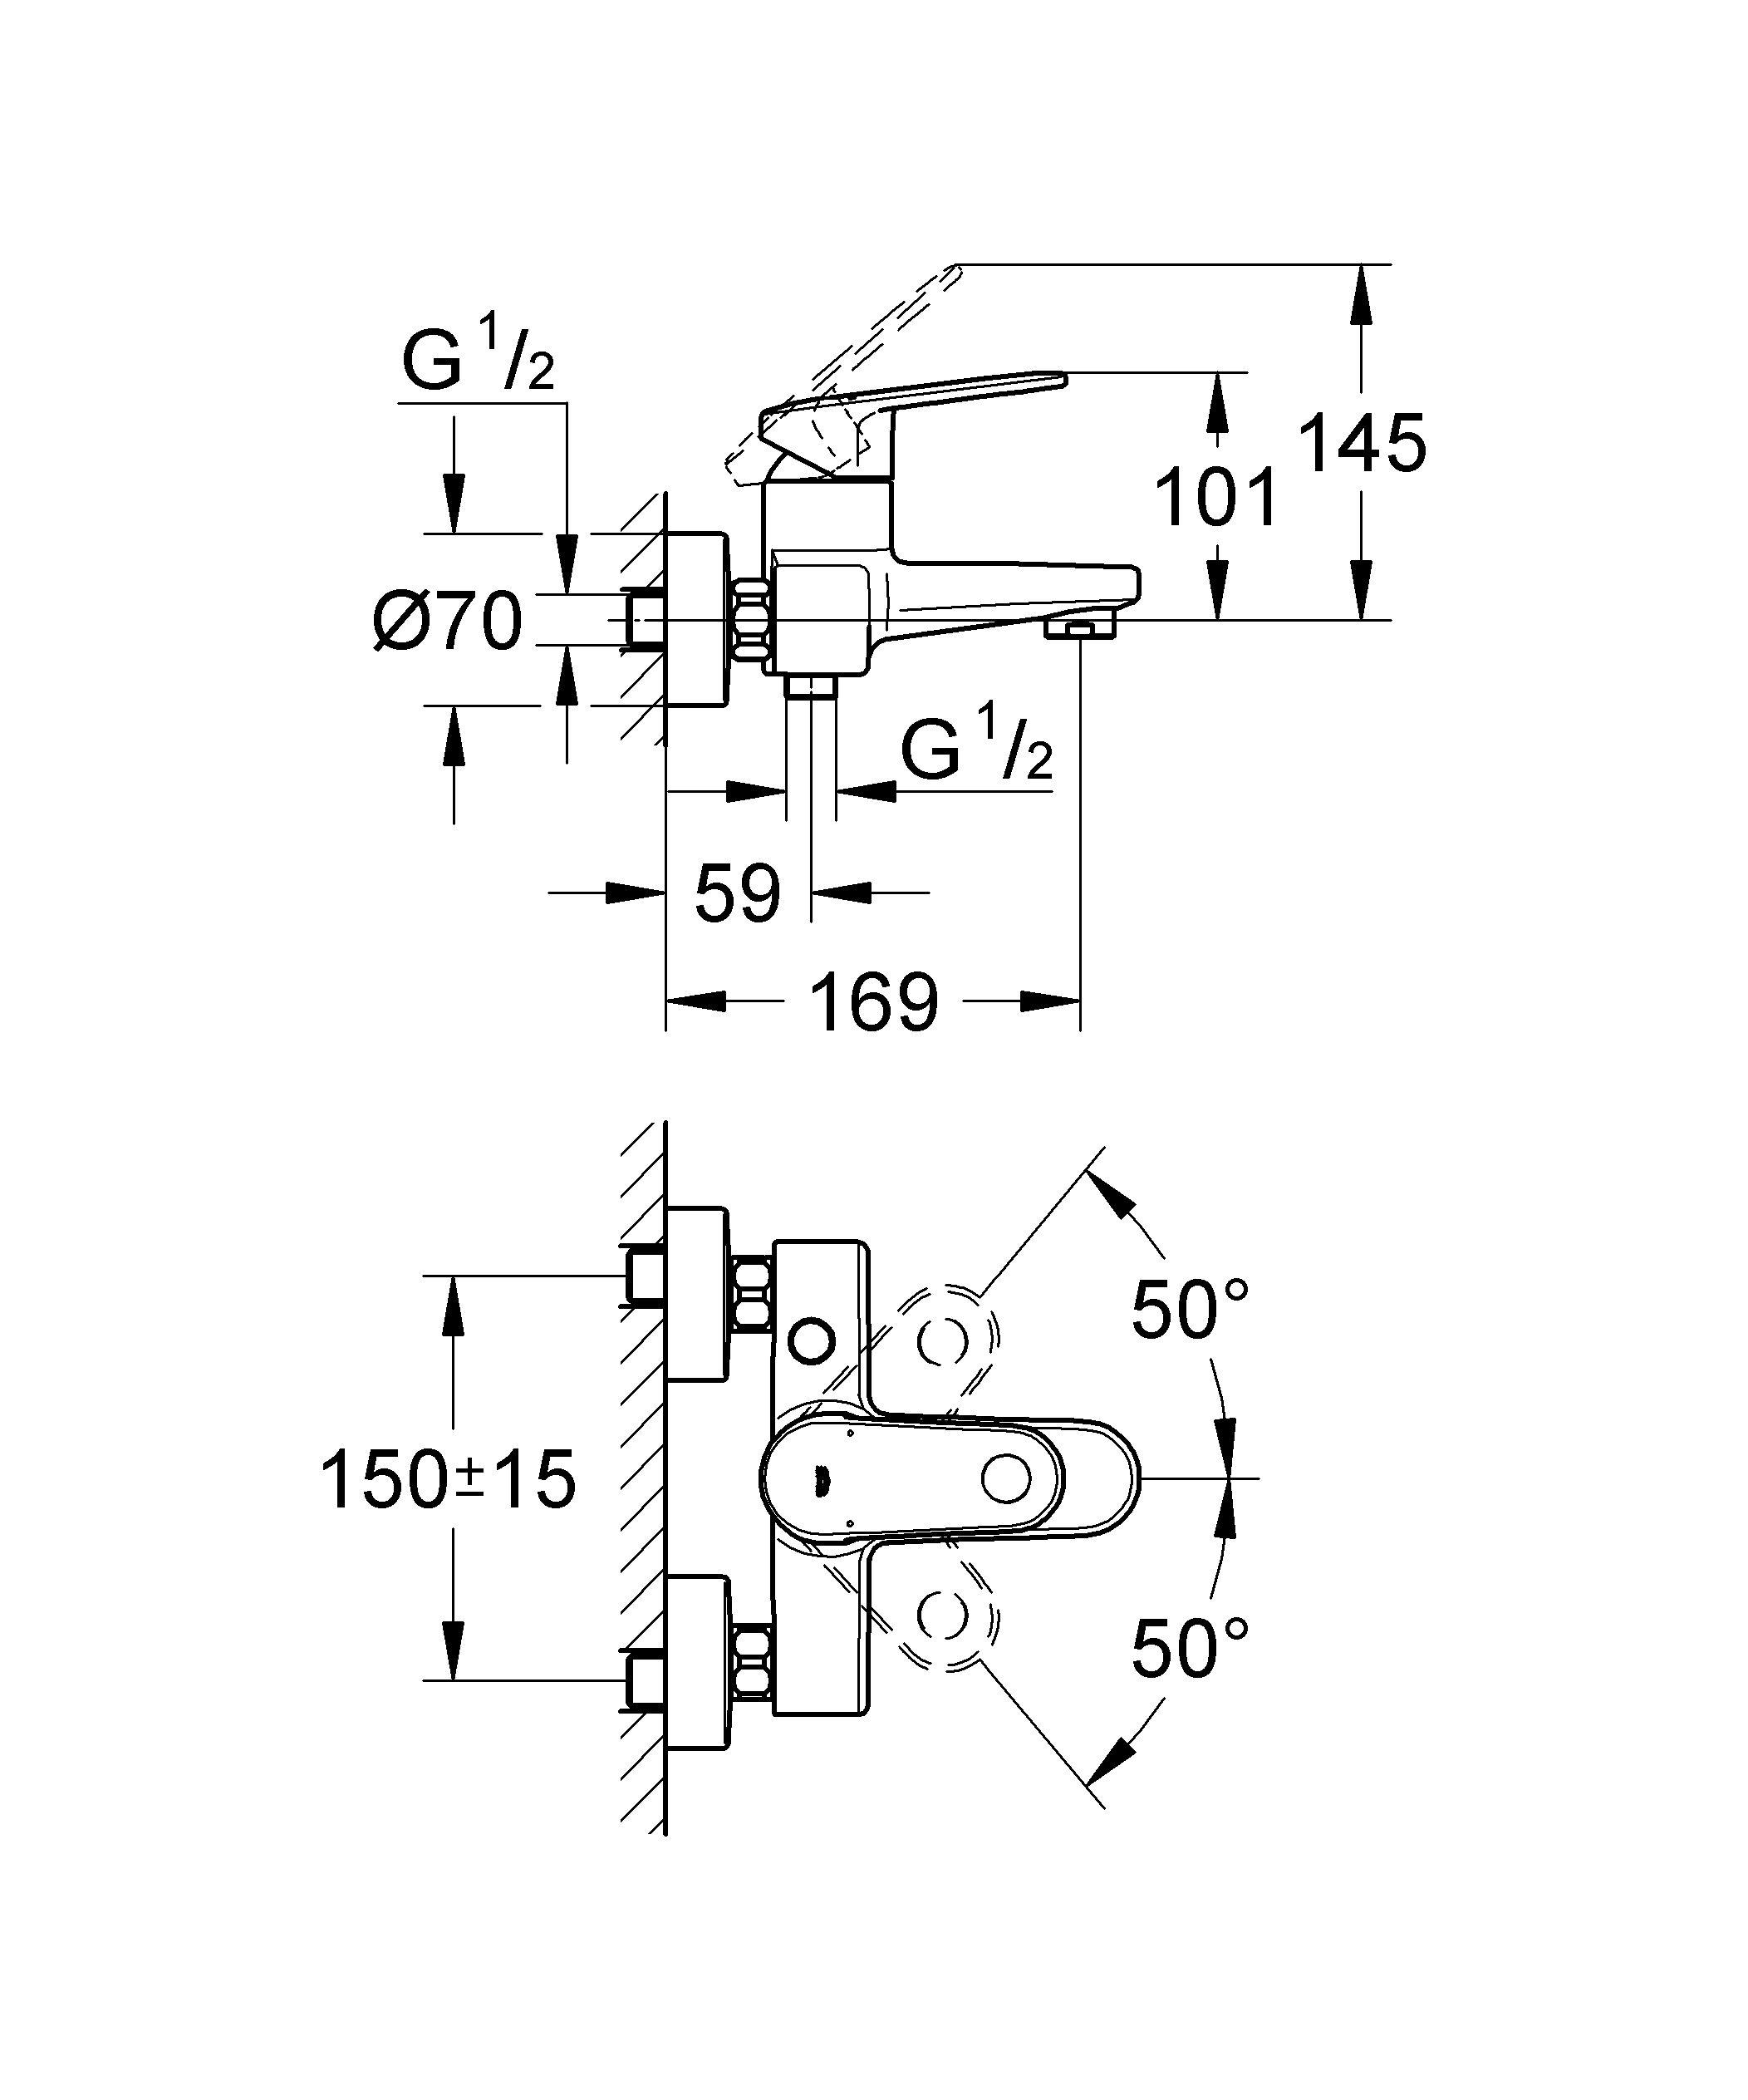 Настенный монтаж  Металлический рычаг  GROHE SilkMove керамический картридж O 46 мм  GROHE StarLight хромированная поверхность   Регулировка расхода воды  Возможность установки мин. расхода 2,5 л/мин.  Автоматический переключатель: ванна/душ  Встроенный обратный клапан в душевом отводе 1/2?  Аэратор с функцией SpeedClean  Скрытые S-образные эксцентрики  Ограничитель температуры  С защитой от обратного потока    Видео по установке является исключительно информационным. Установка должна проводиться профессионалами!